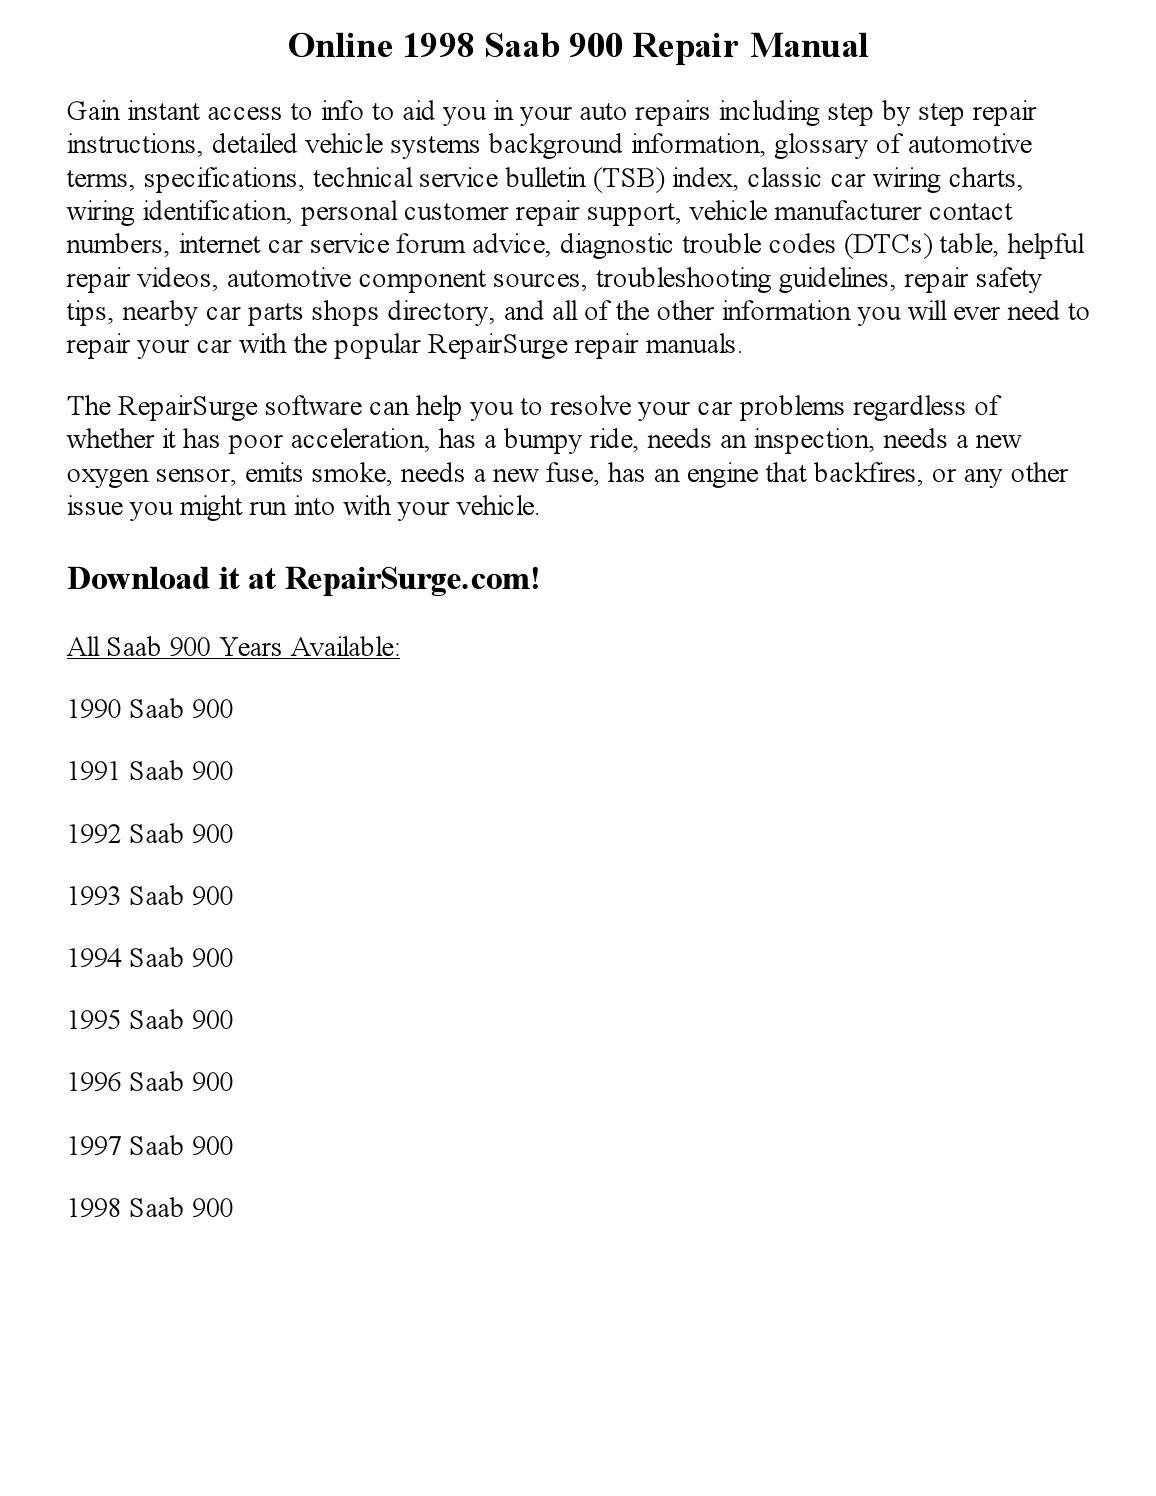 1998 saab 900 repair manual online by vaugnmeyers - issuu